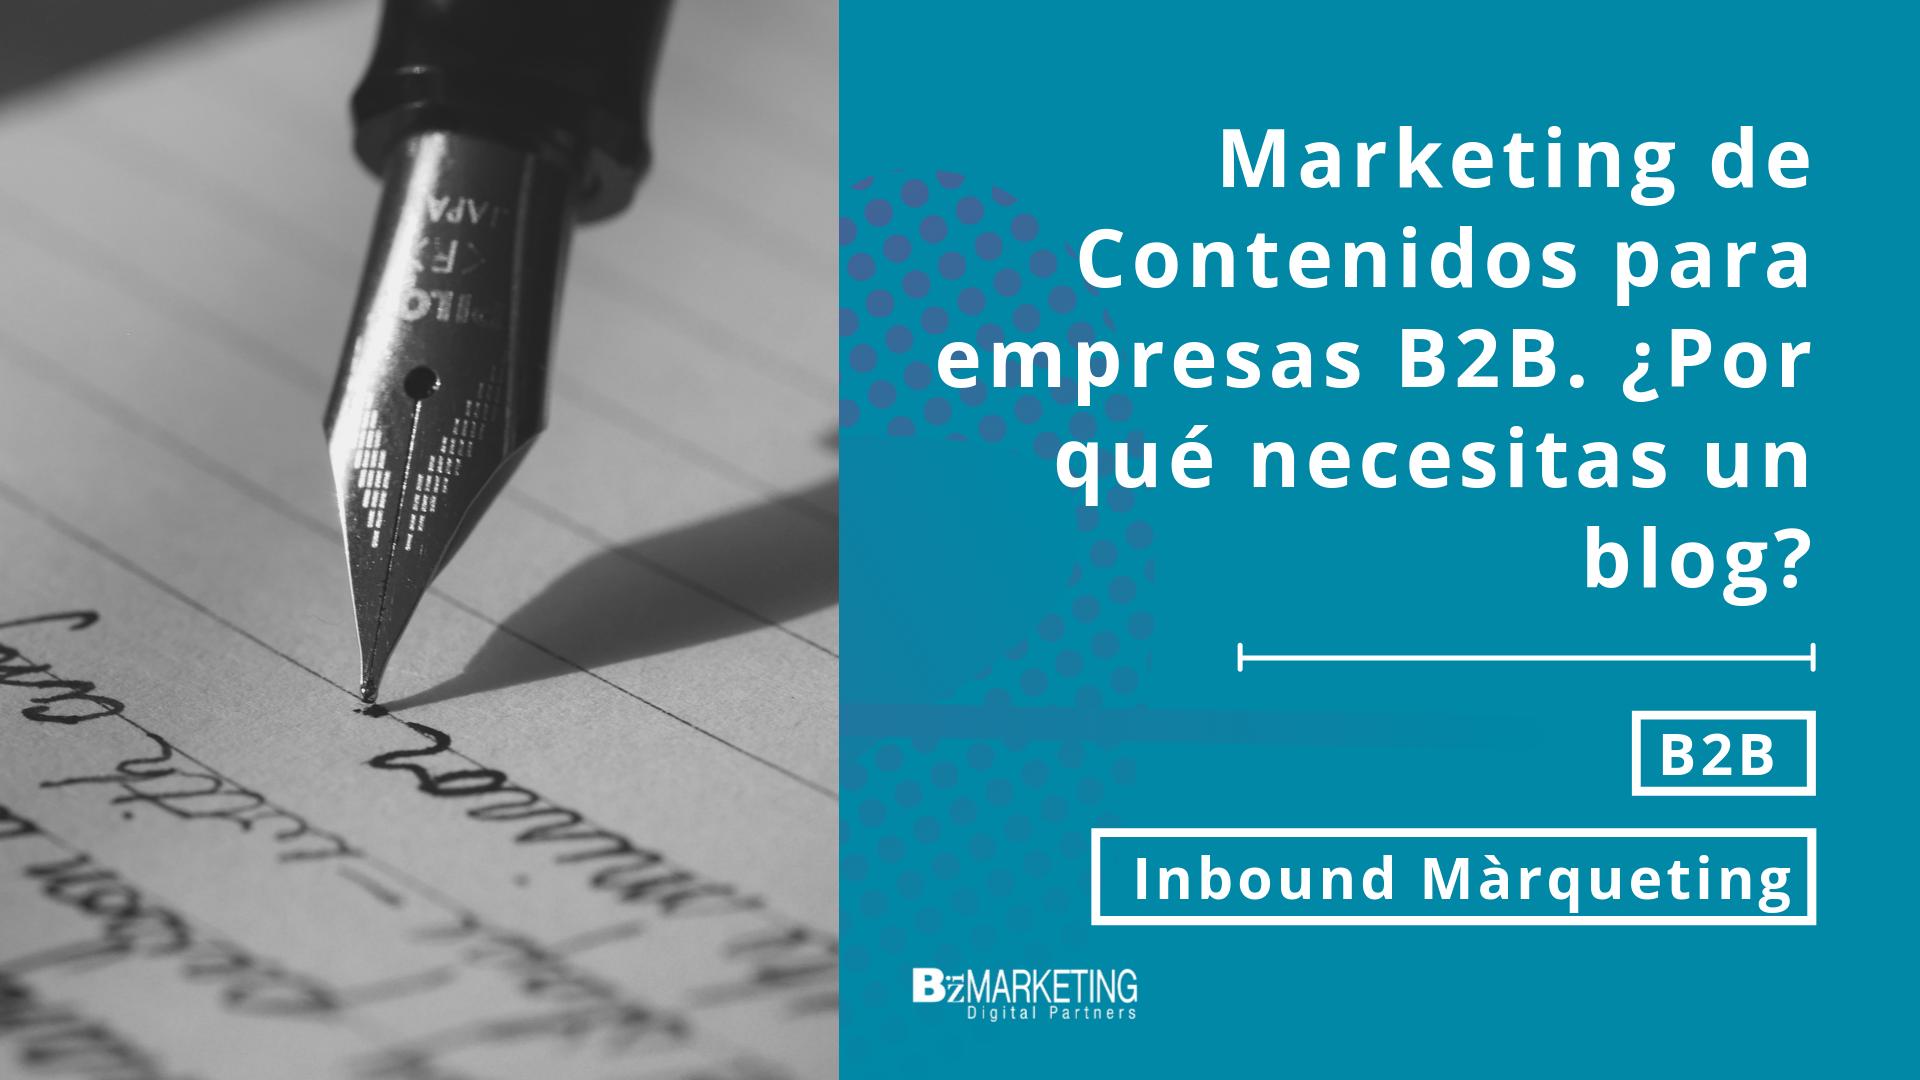 marketing-de-contenidos-para-empresas-b2b-por-que-necesitas-un-blog-empresarial-inbound.marketing-bizmarketing